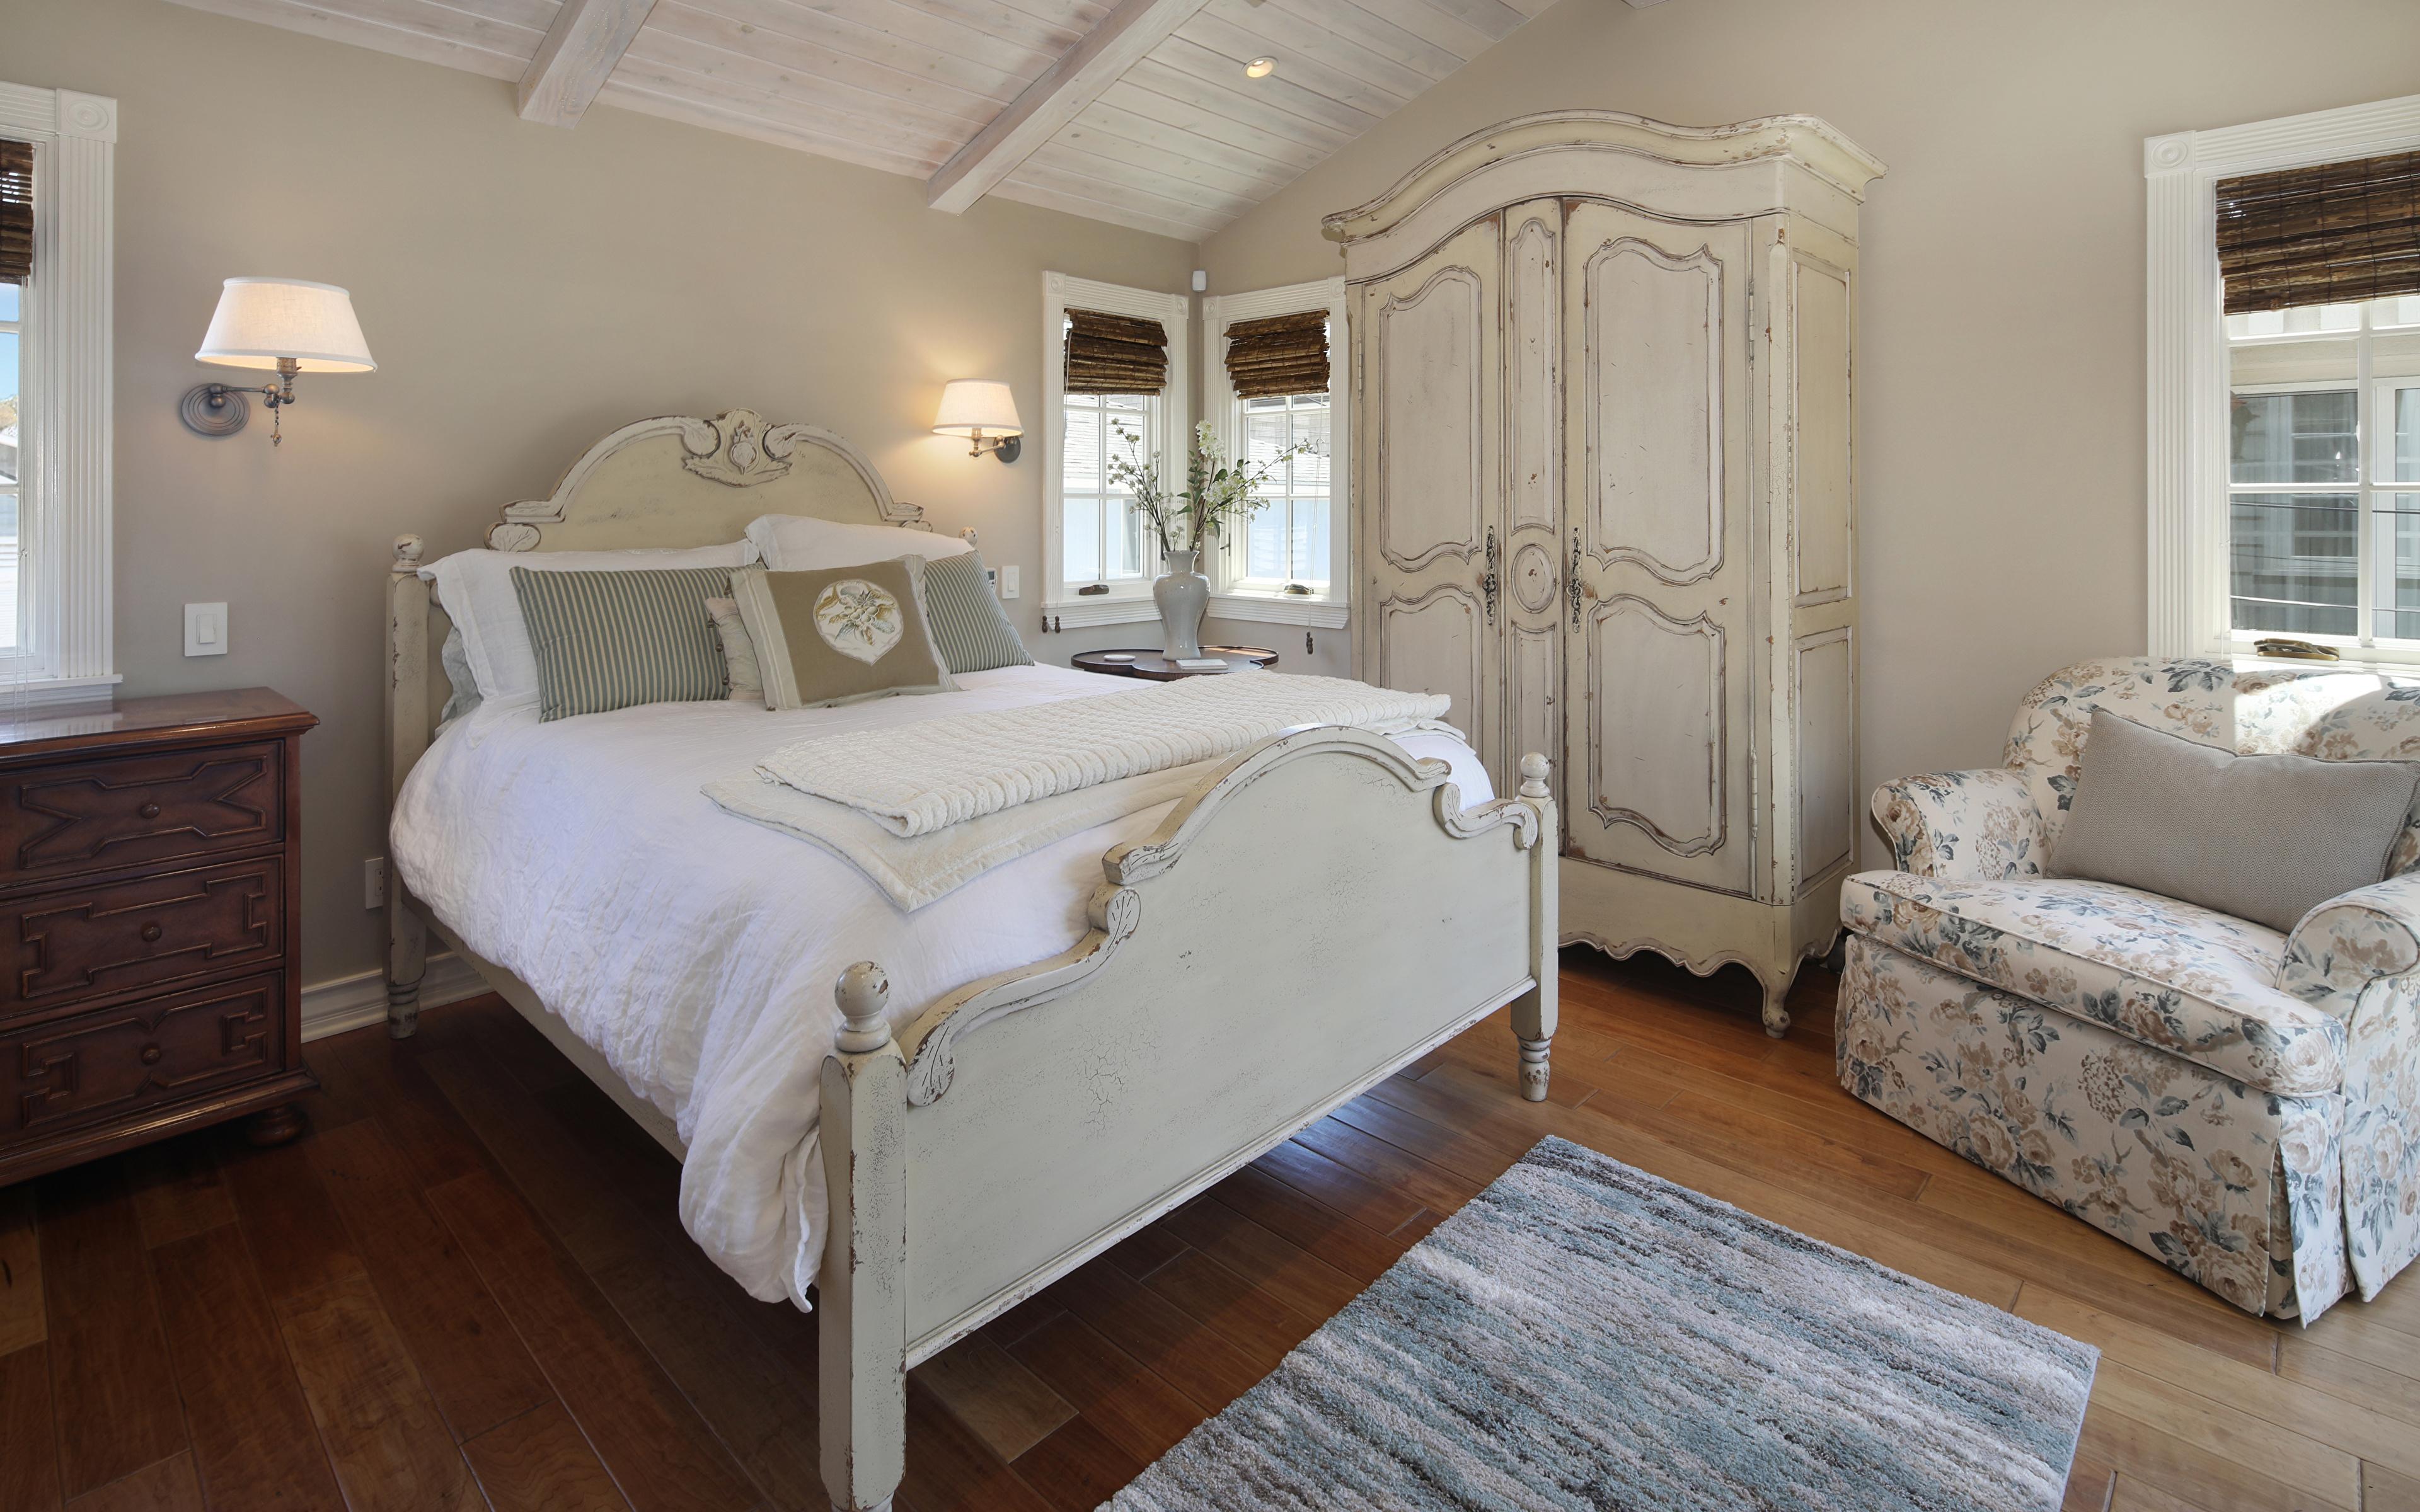 Фотография Спальня Интерьер Лампа Кресло Кровать Дизайн 3840x2400